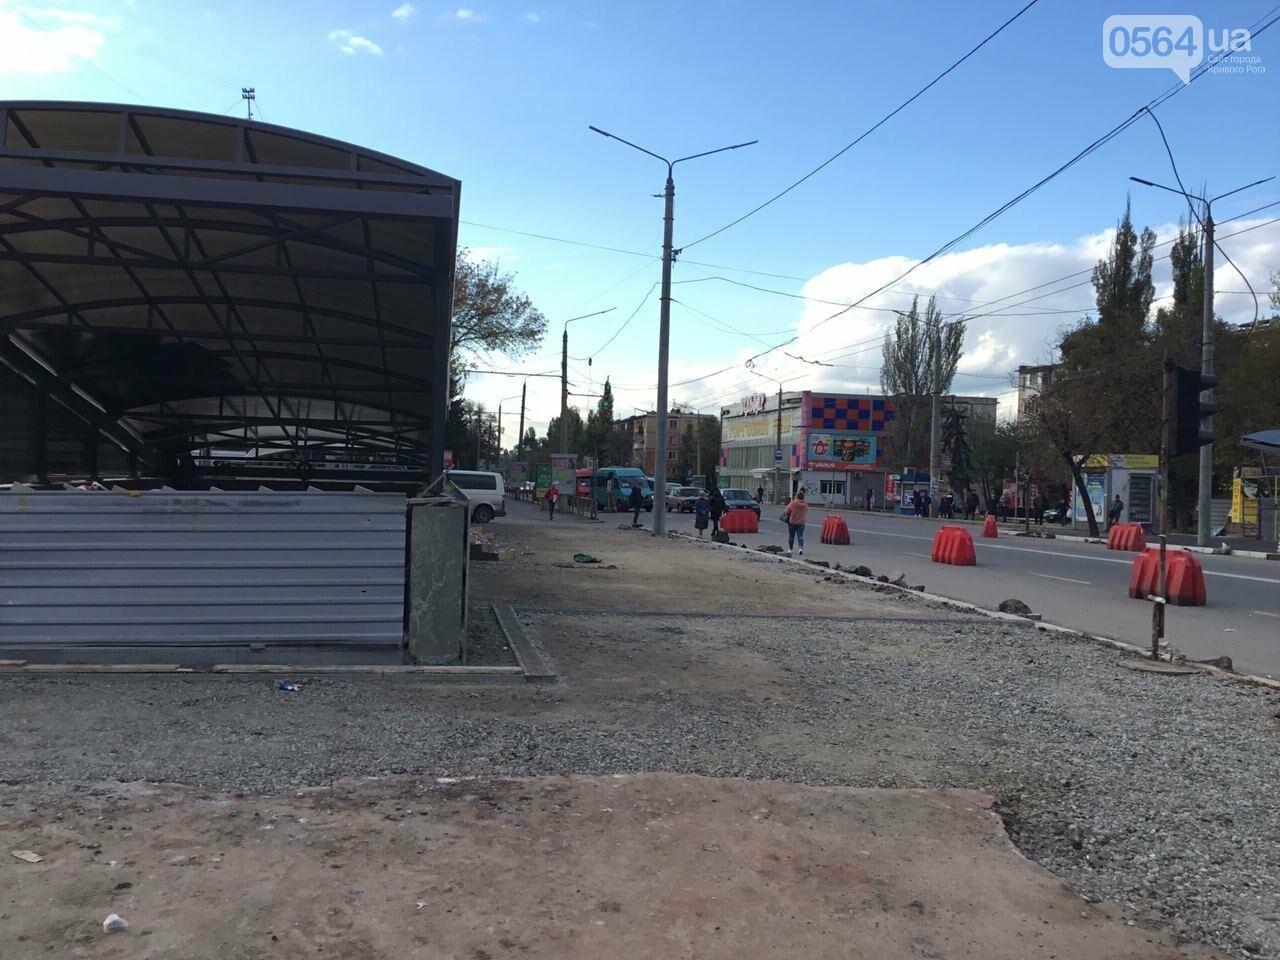 Как сегодня выглядит пешеходный переход на улице Лермонтова в Кривом Роге, - ФОТО, ВИДЕО, фото-15